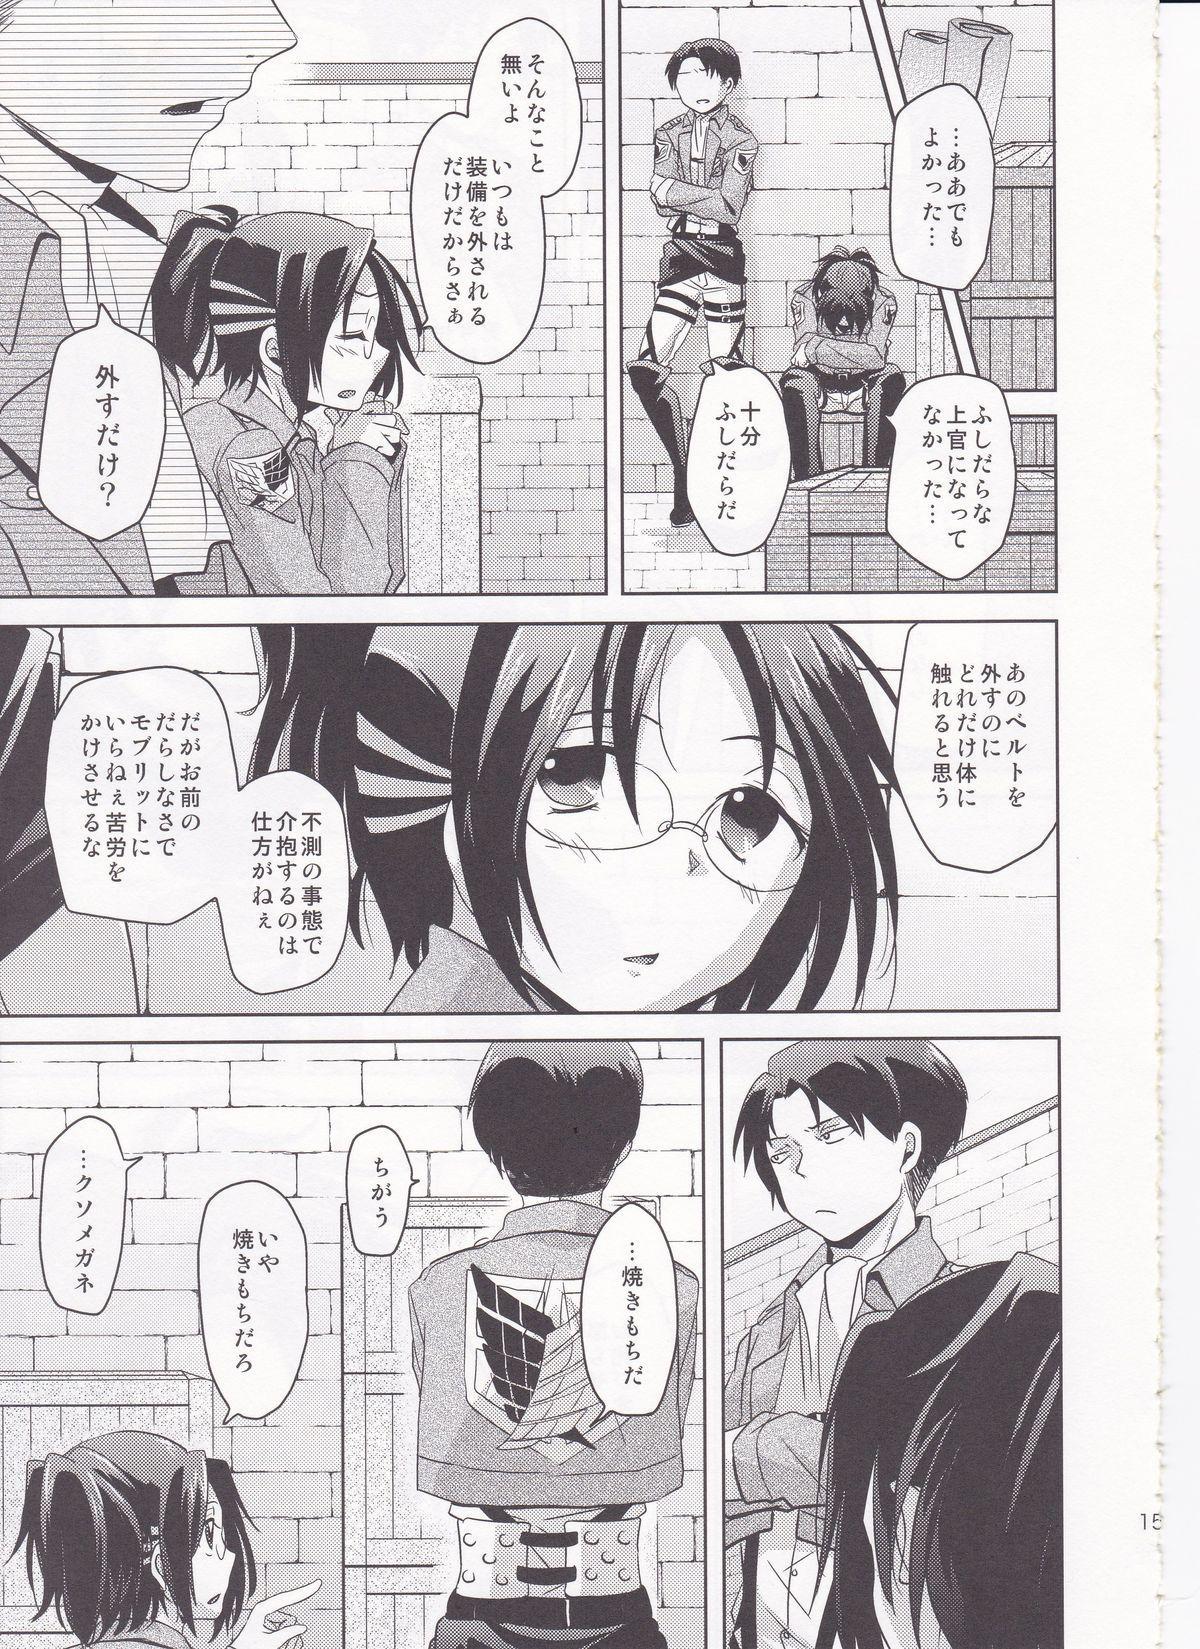 Shikkari shite kudasai Buntaichou. 14